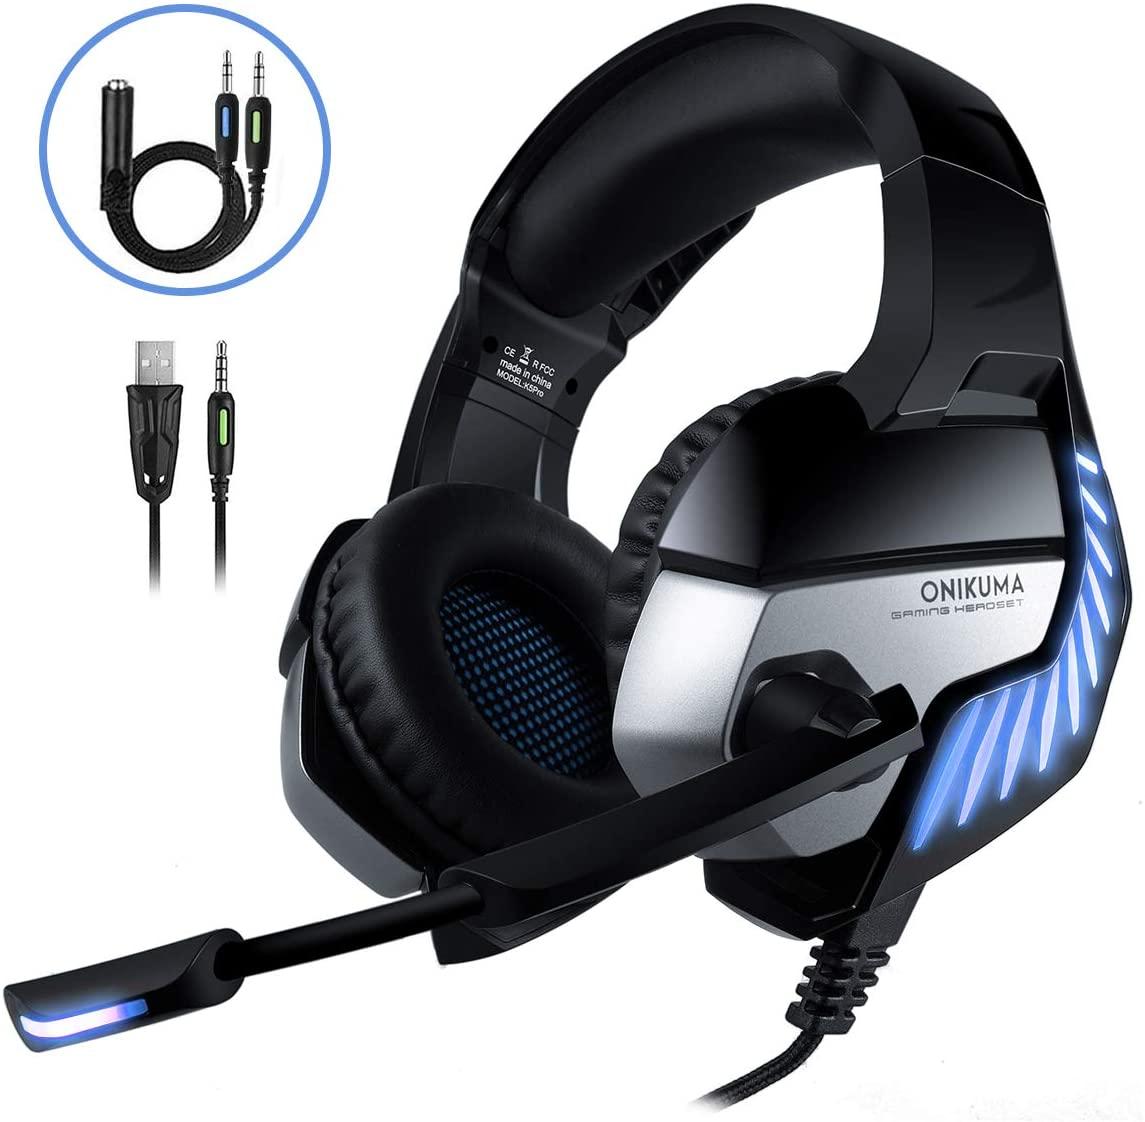 CHEREEKI Cuffie Gaming per PS4, Cuffie da Gioco con Microfono Cancellazione del Rumore, Luce LED e Controllo Volume per Xbox One X/PC/Laptop/Tablet